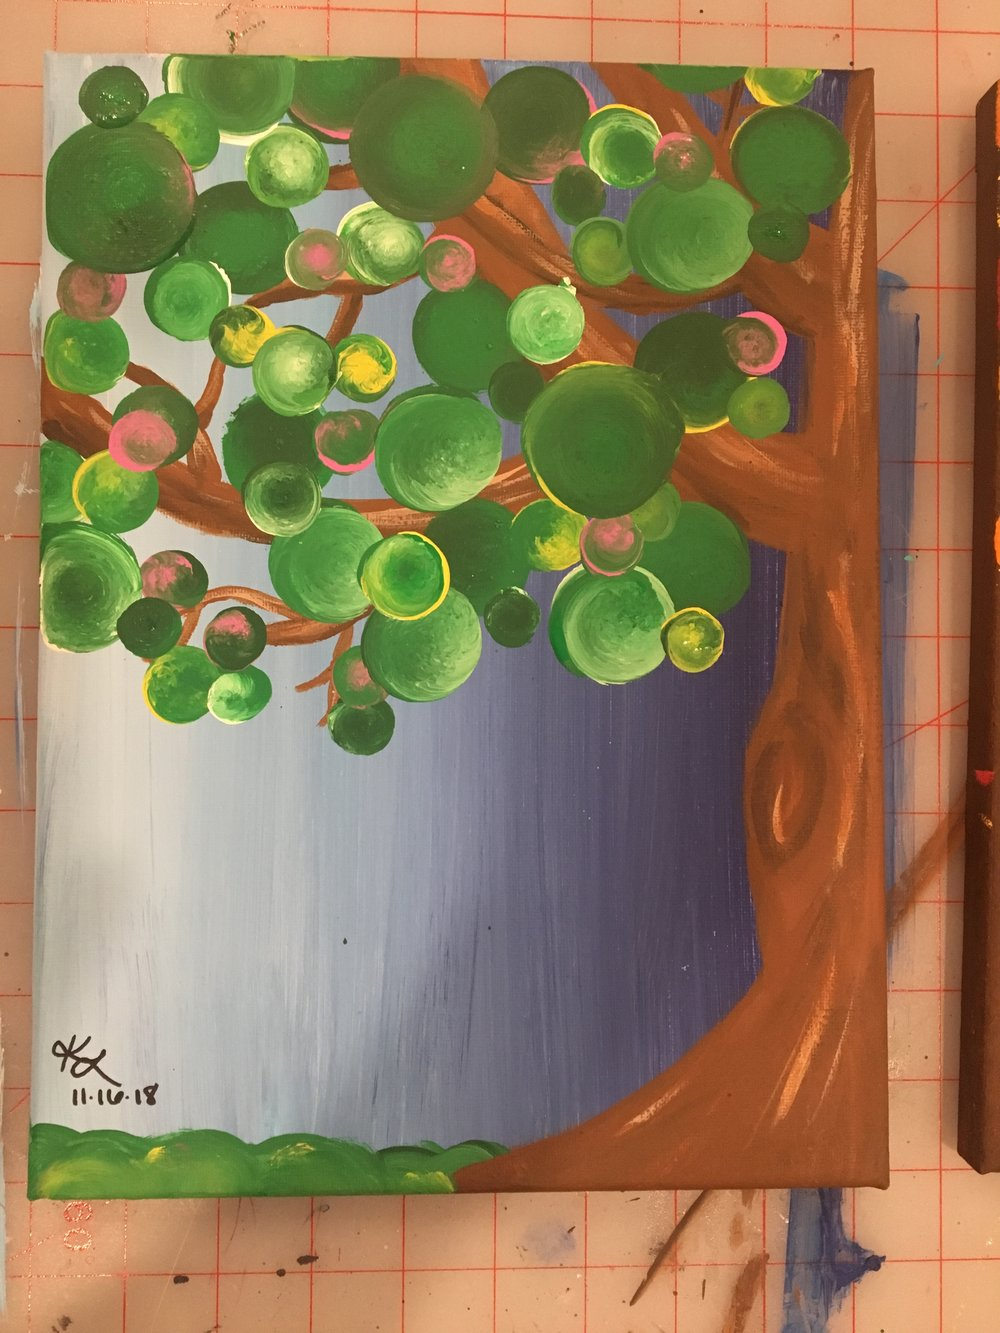 Acrylic paint, age 17